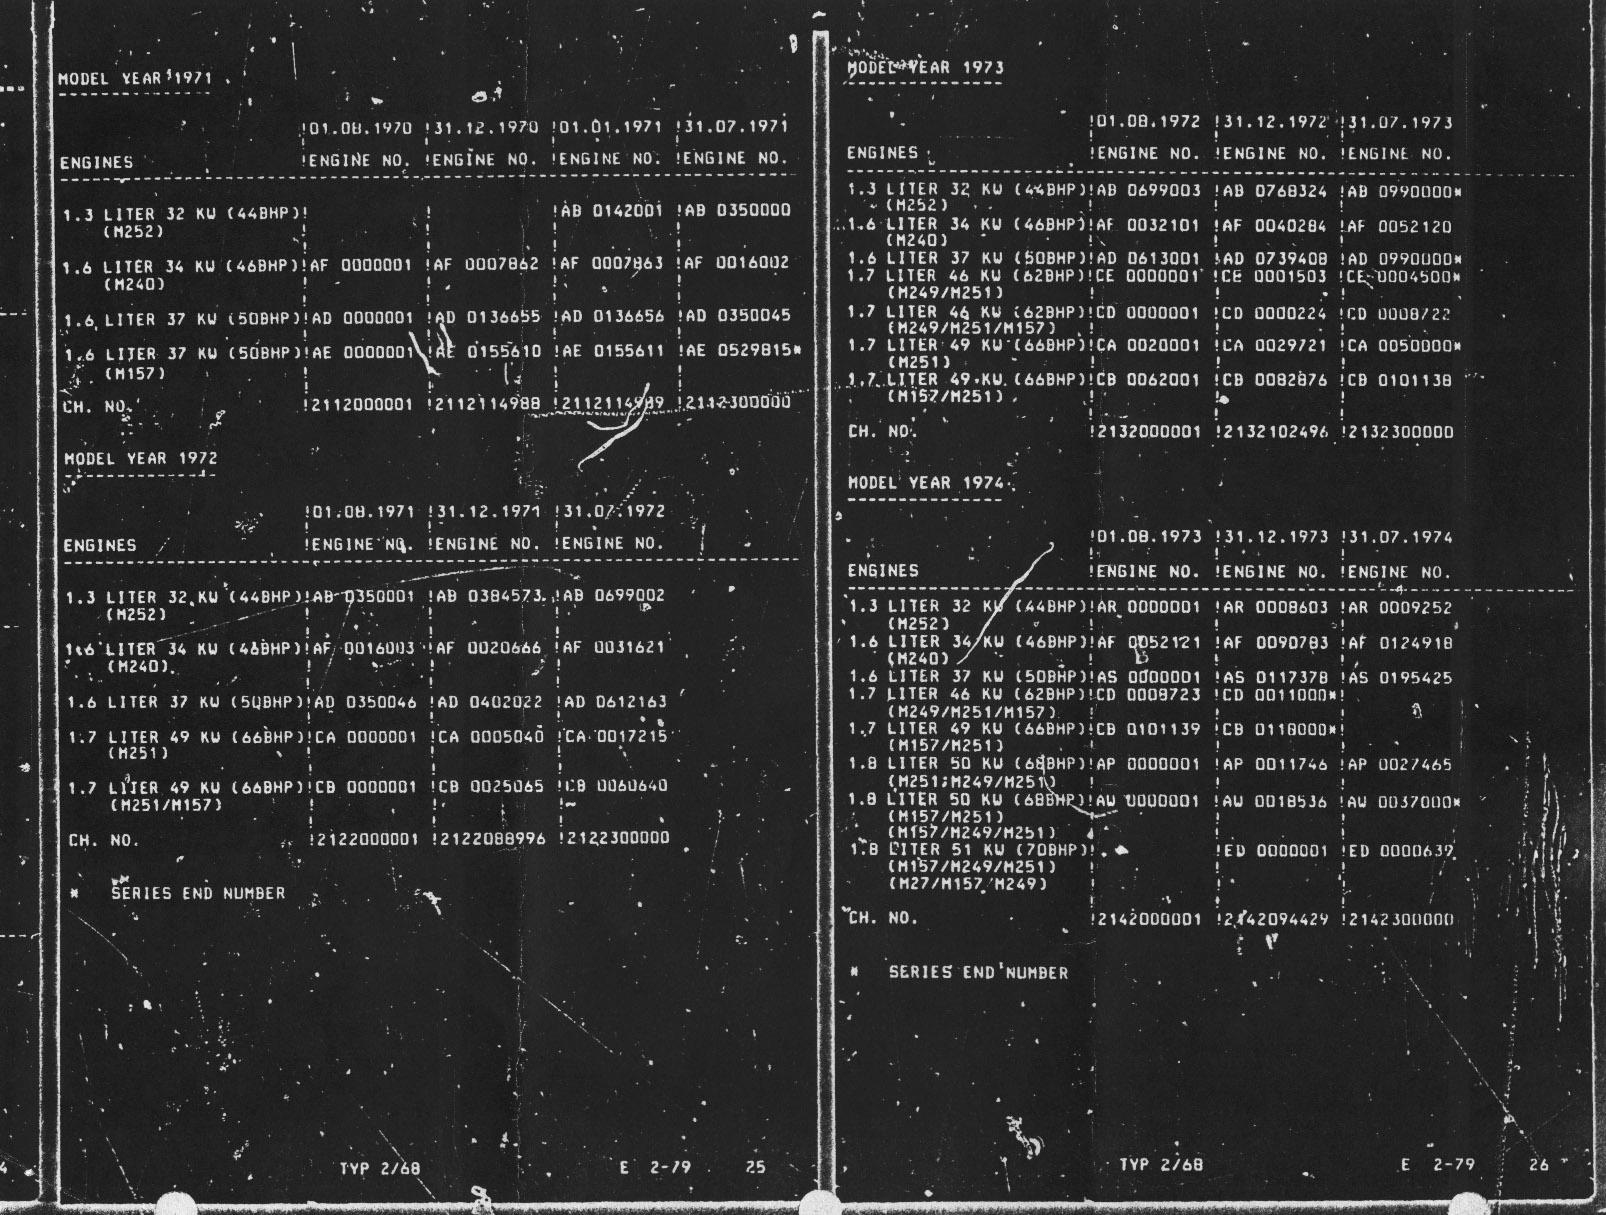 microfiche_p25_26